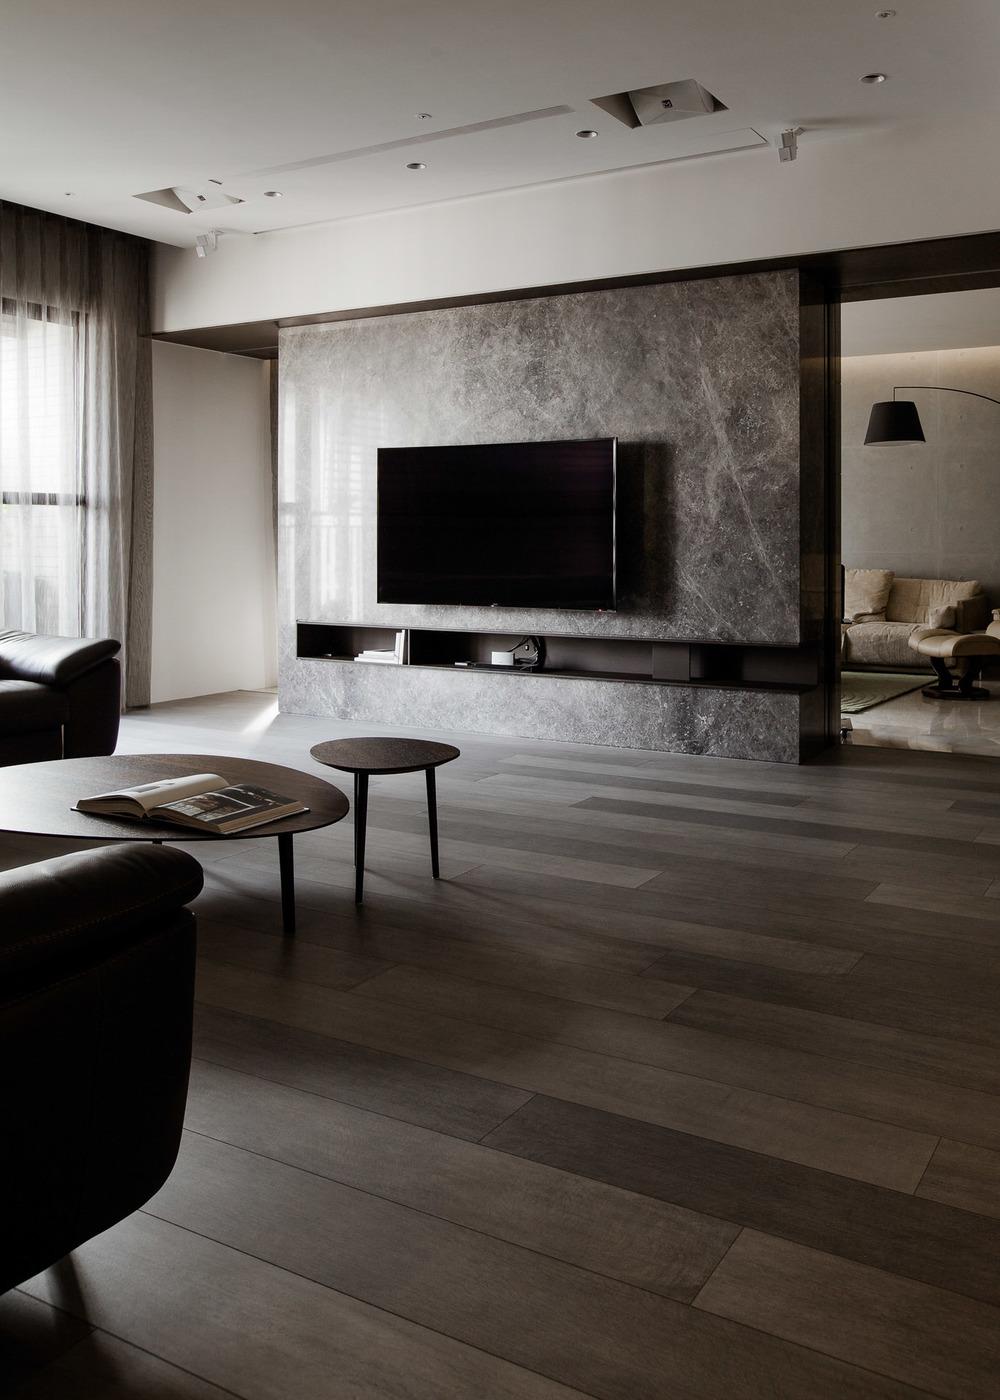 Interior-069.jpg